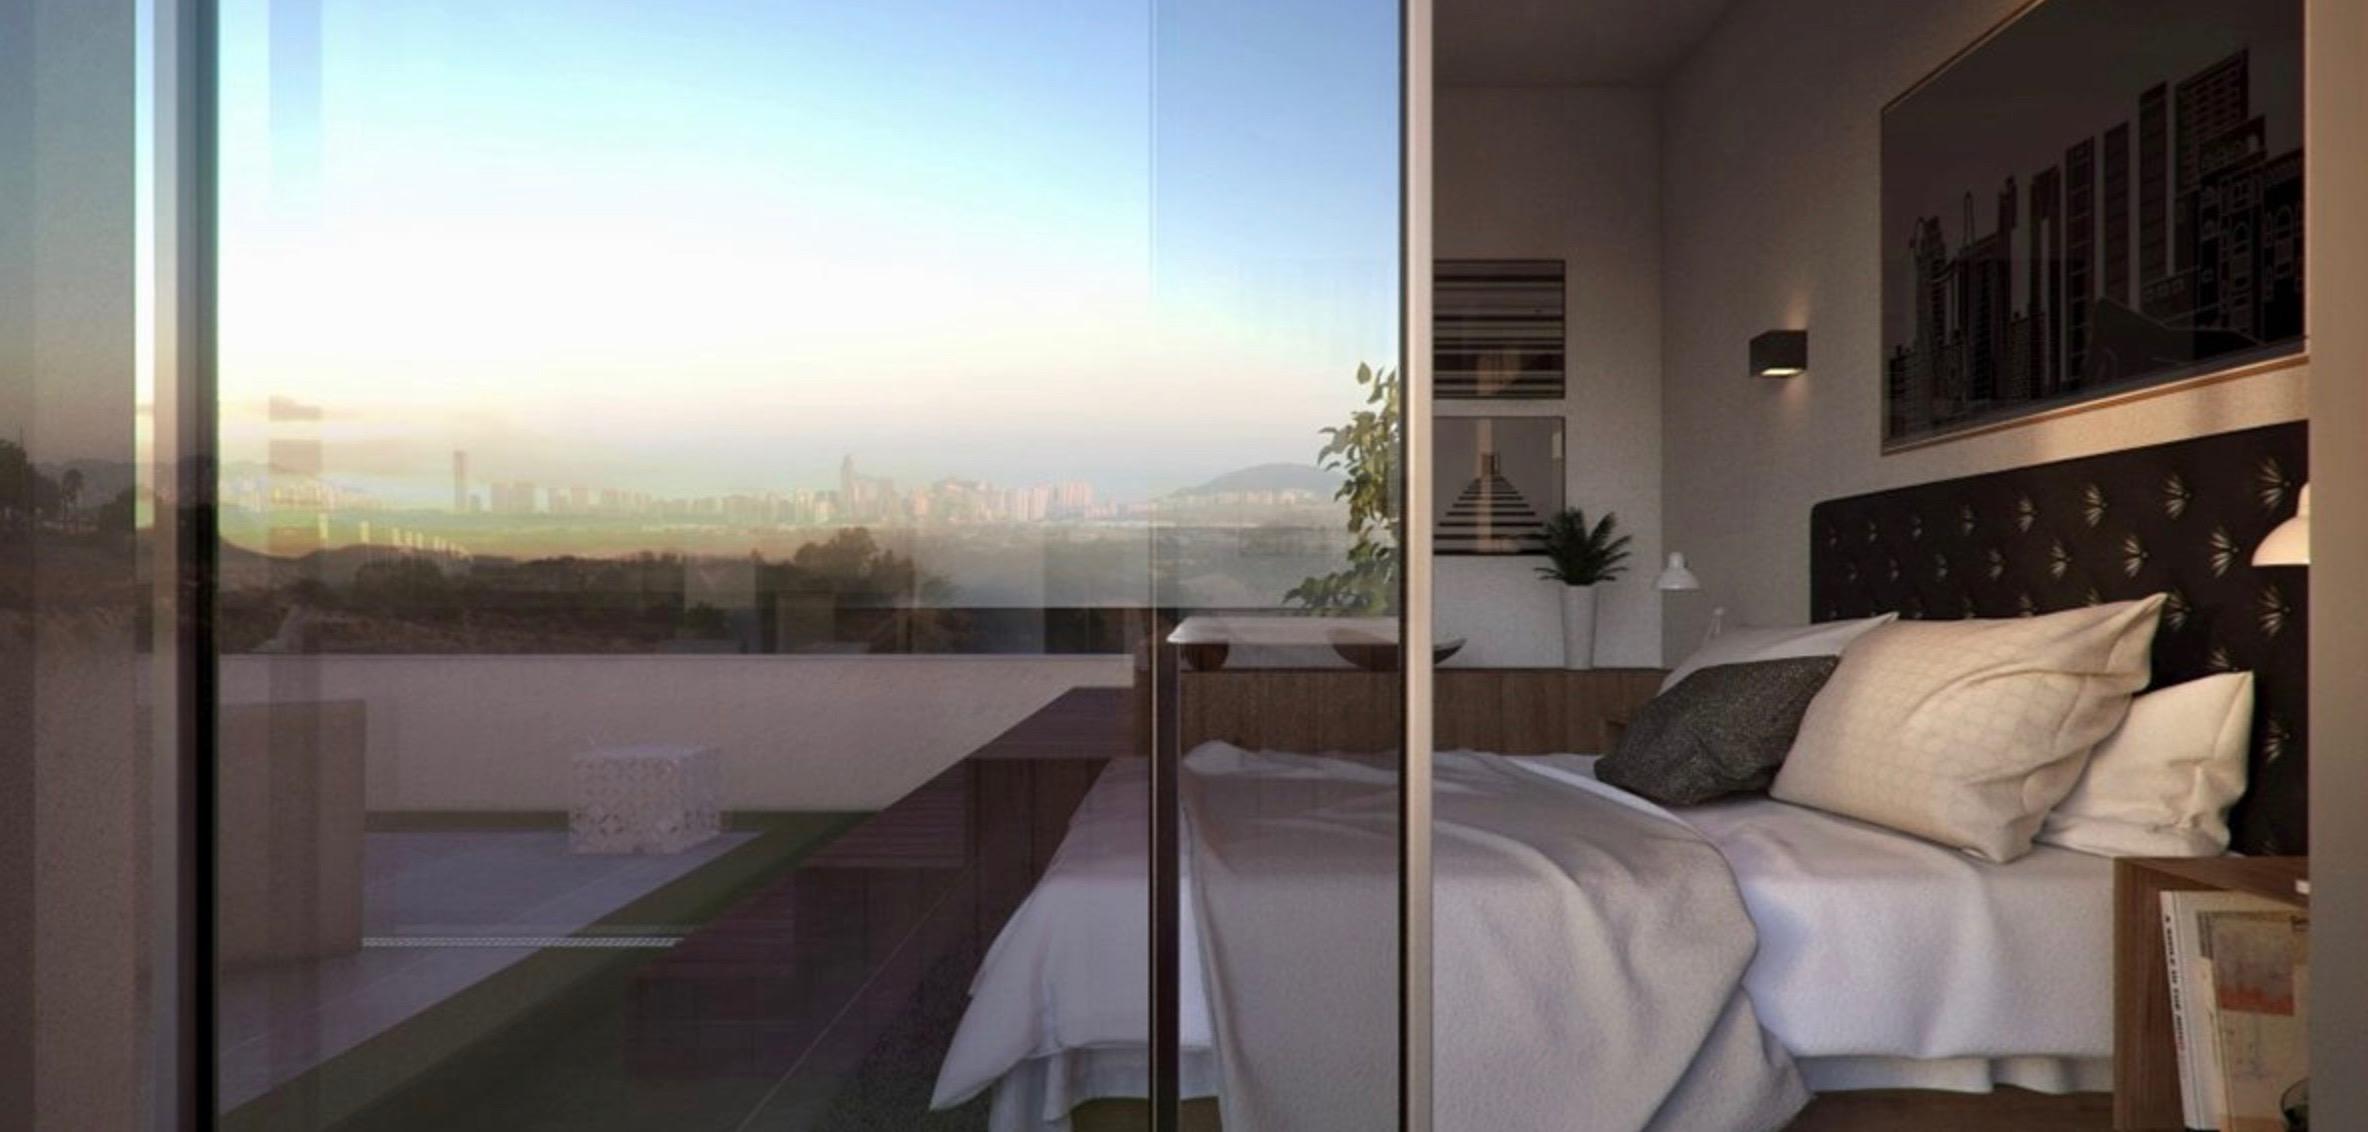 Finestrat villa €330.000